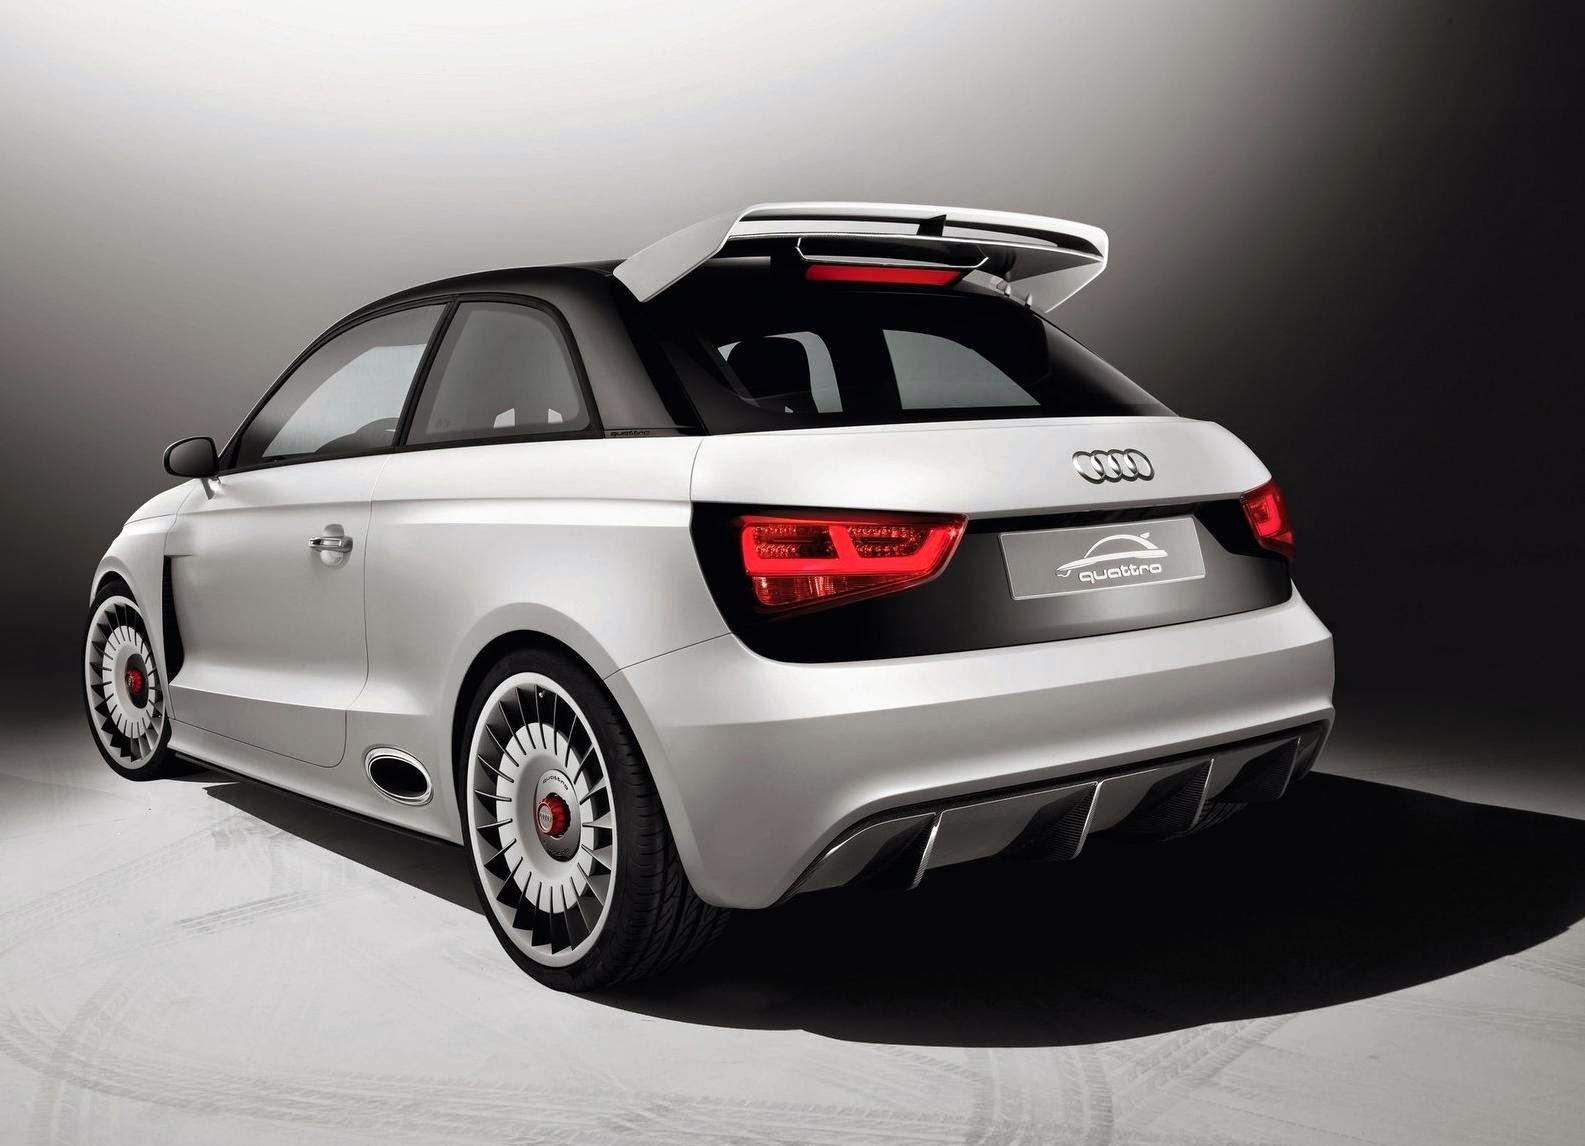 Audi A1 Clubsport Quattro Concept 2011 1080p Wallpaper